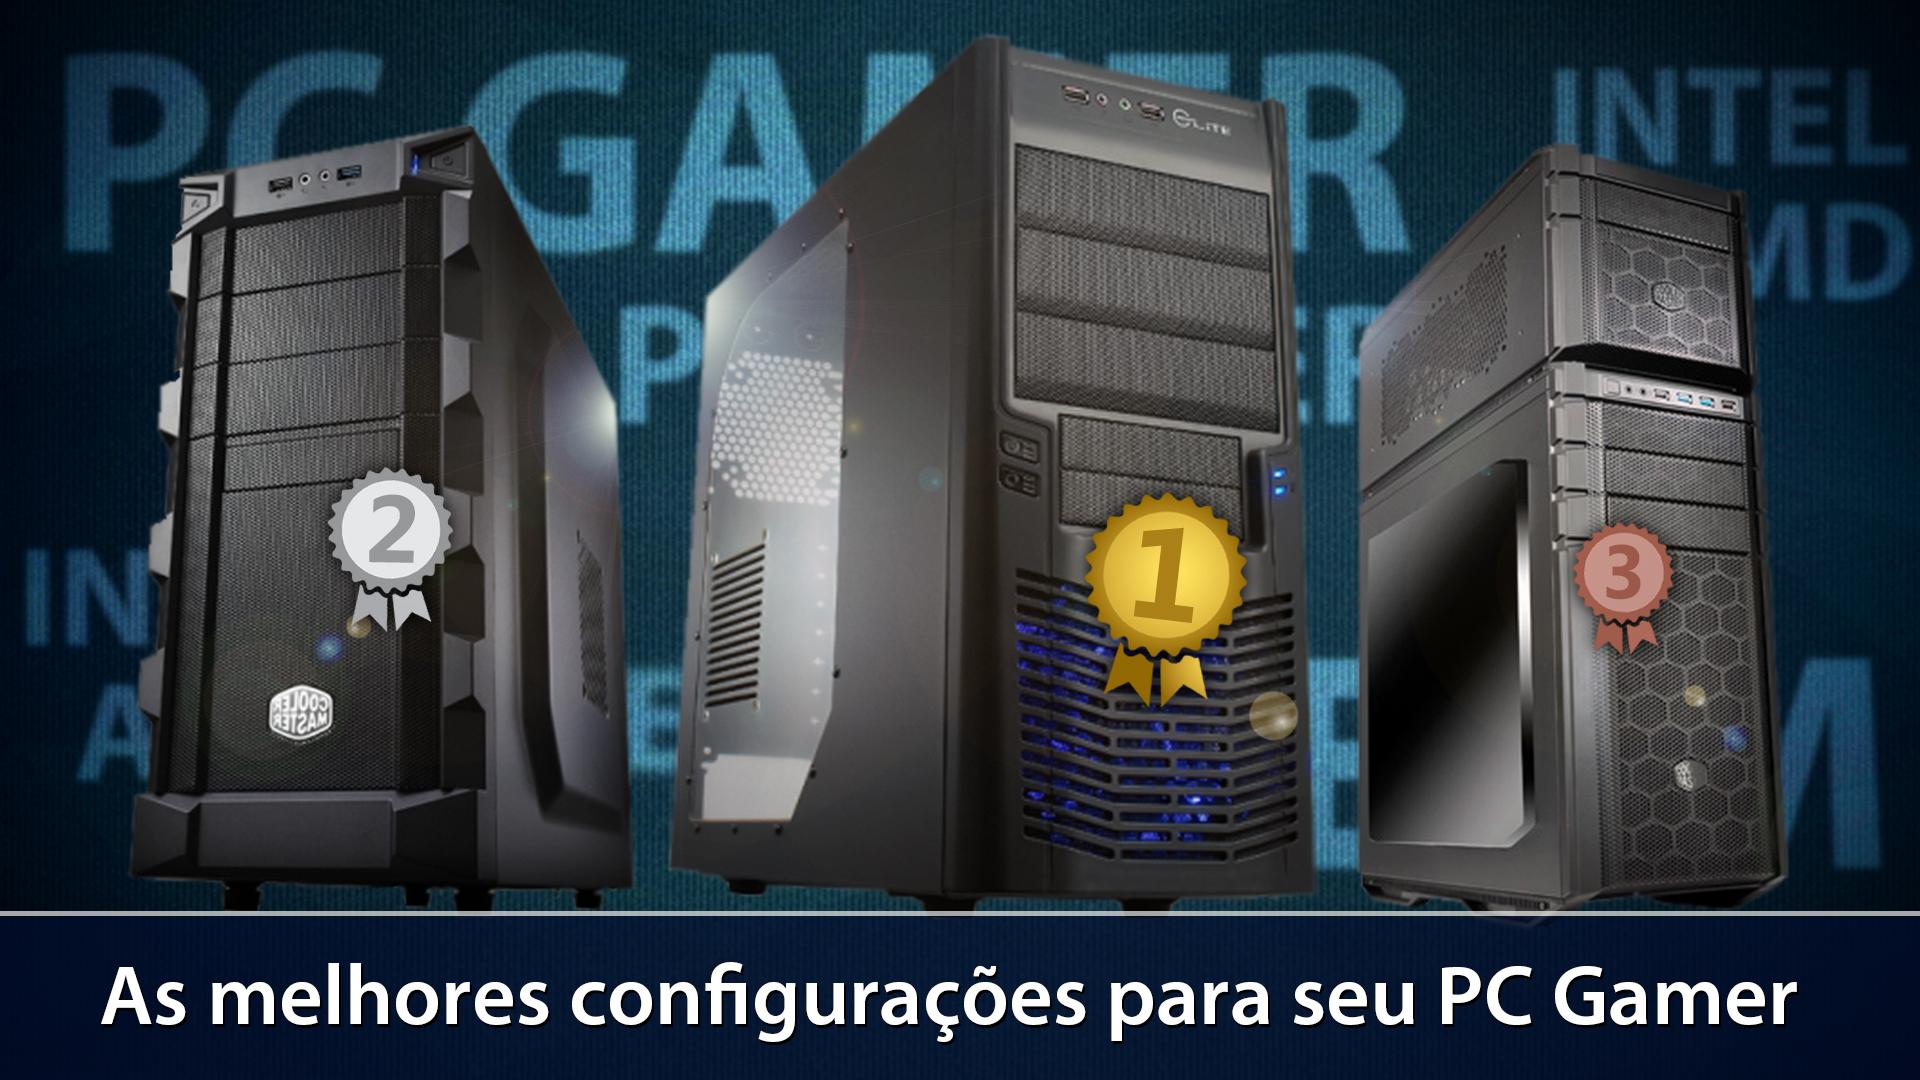 ARTIGO - PCs GAMERS